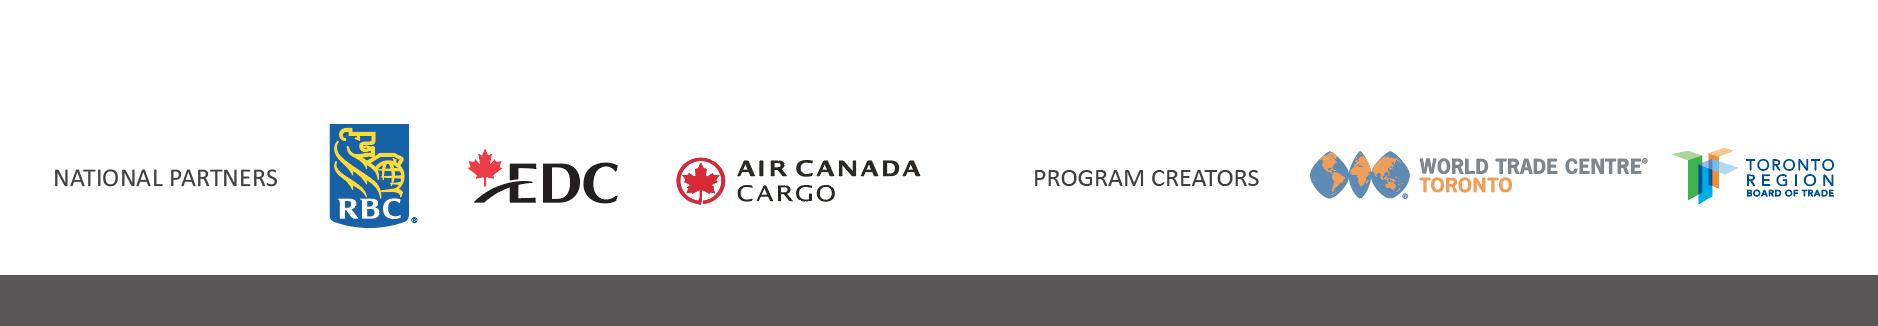 TAP-National-Sponsors-Program-Creators.png